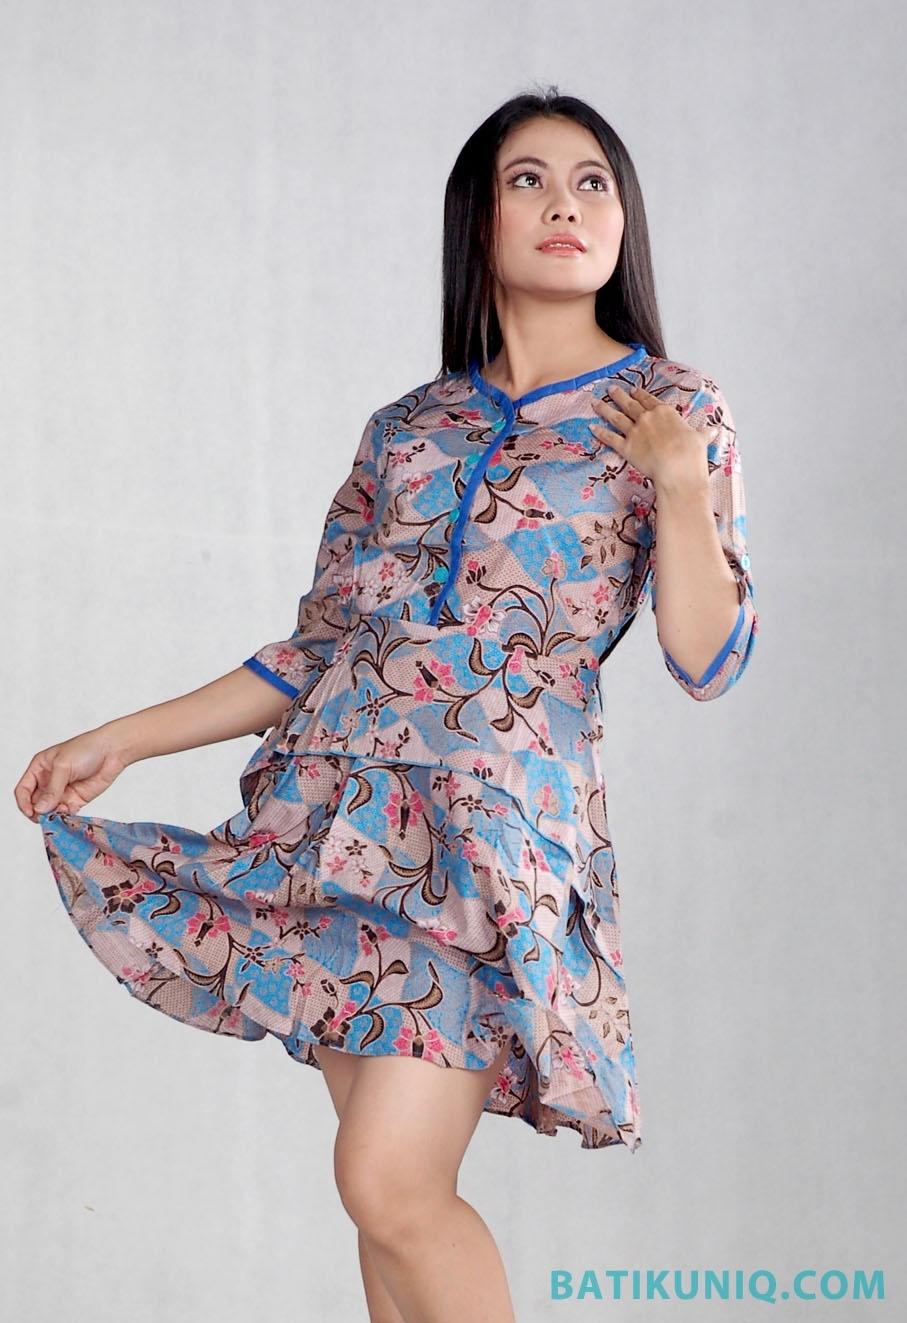 Tampil Anggun dengan Dress Batik Terbaru